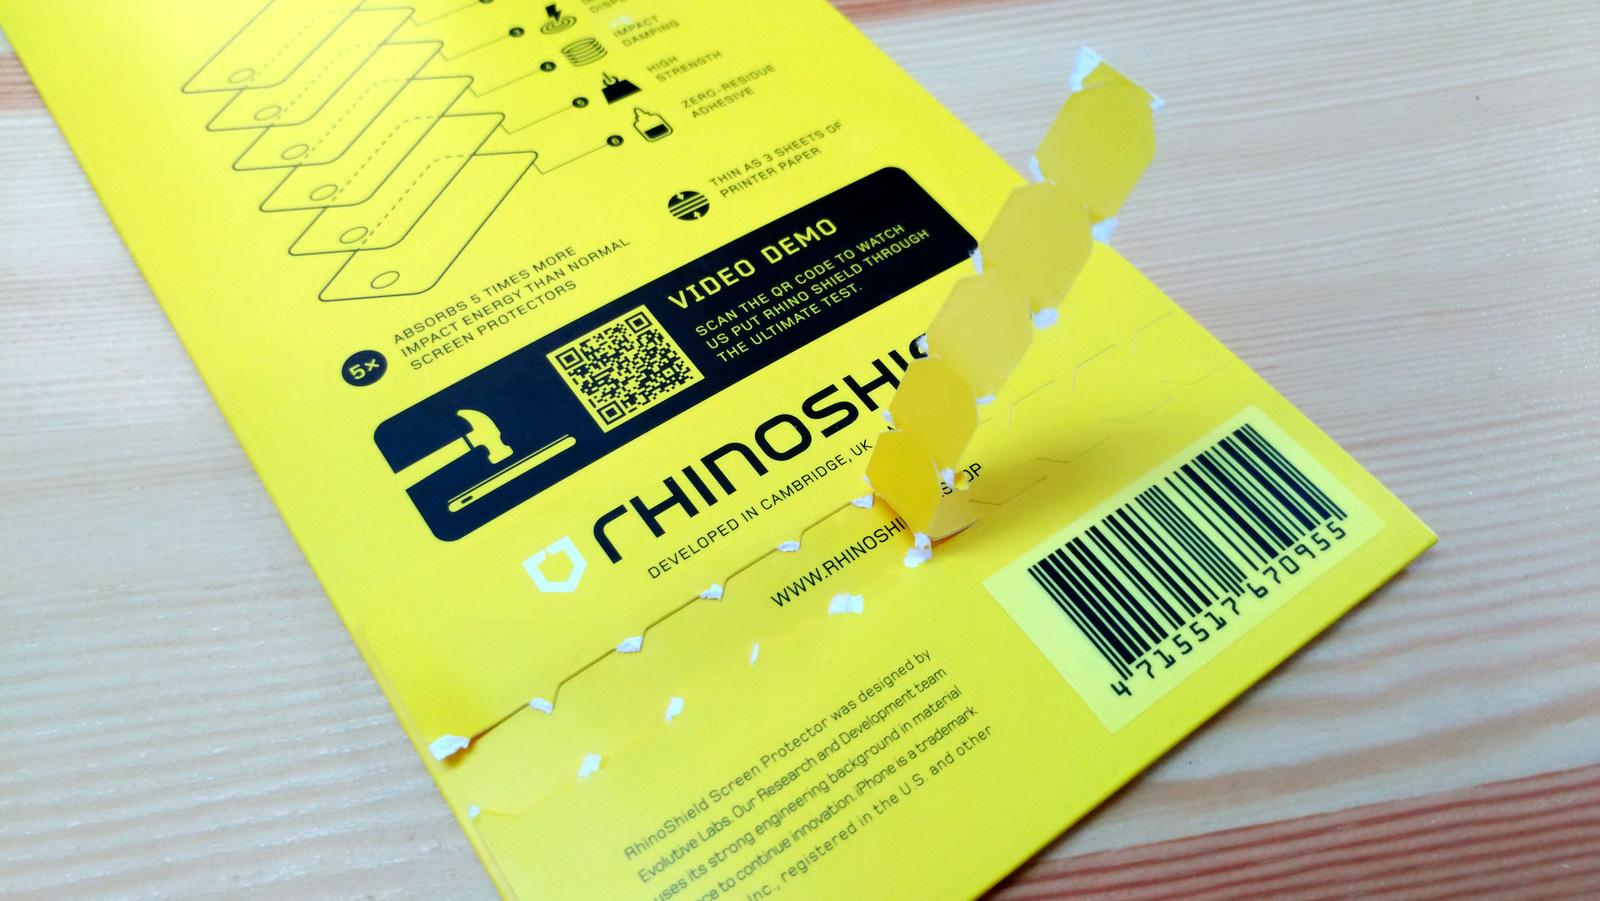 OnePlus 5 Case Hong Kong Rhino Shield _04